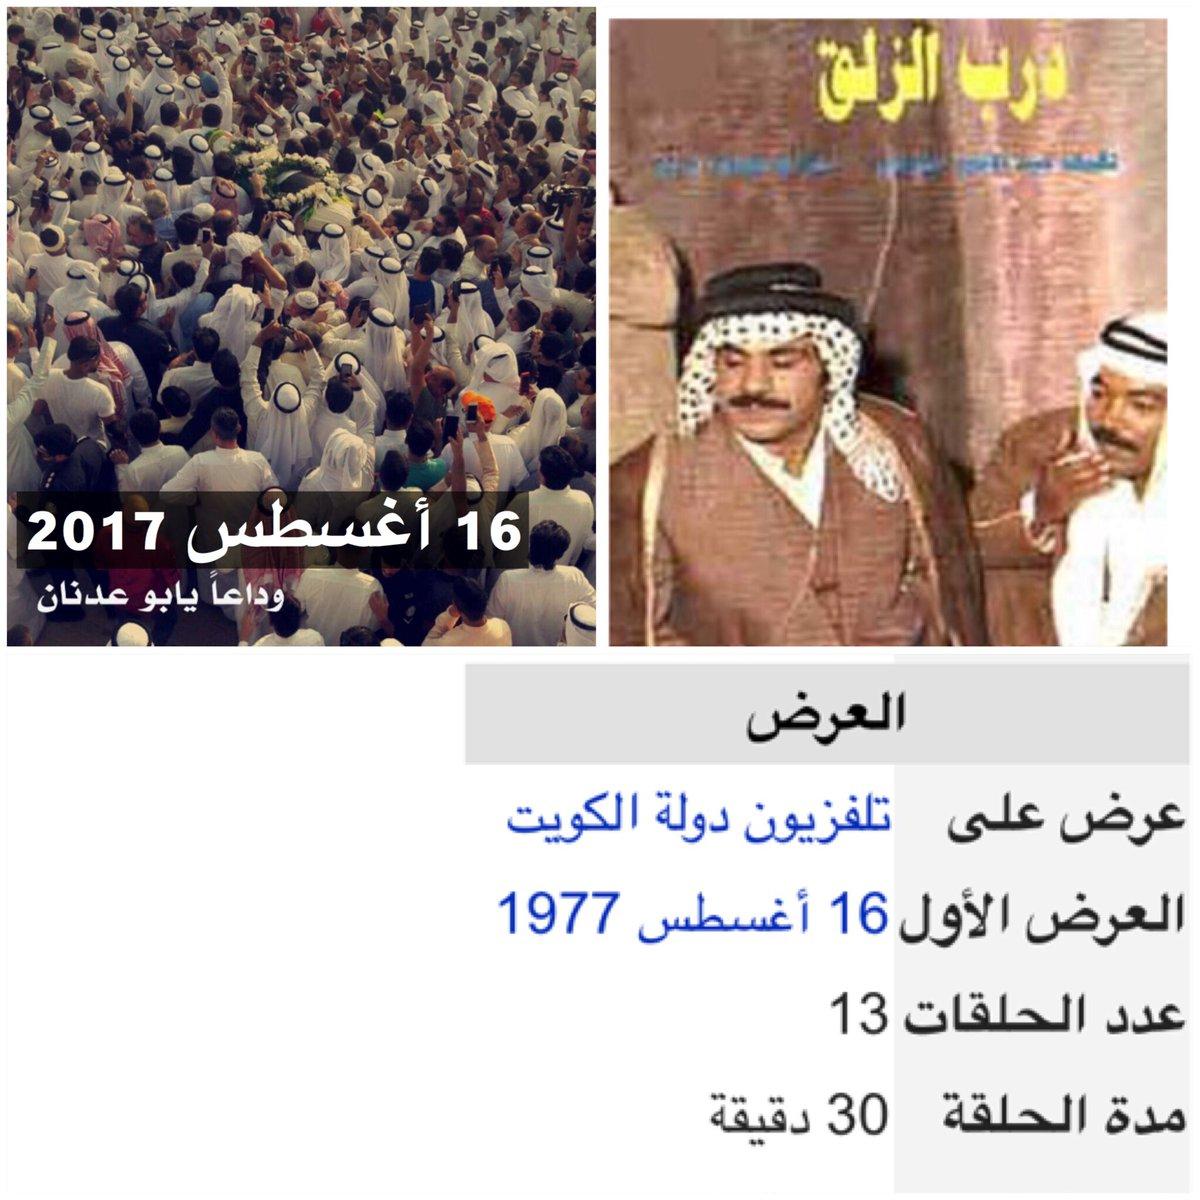 تاريخ 16-8  المشهد الاول و الاخير  الفرق بين المشهدين ٤٠ سنه بالضبط  #...